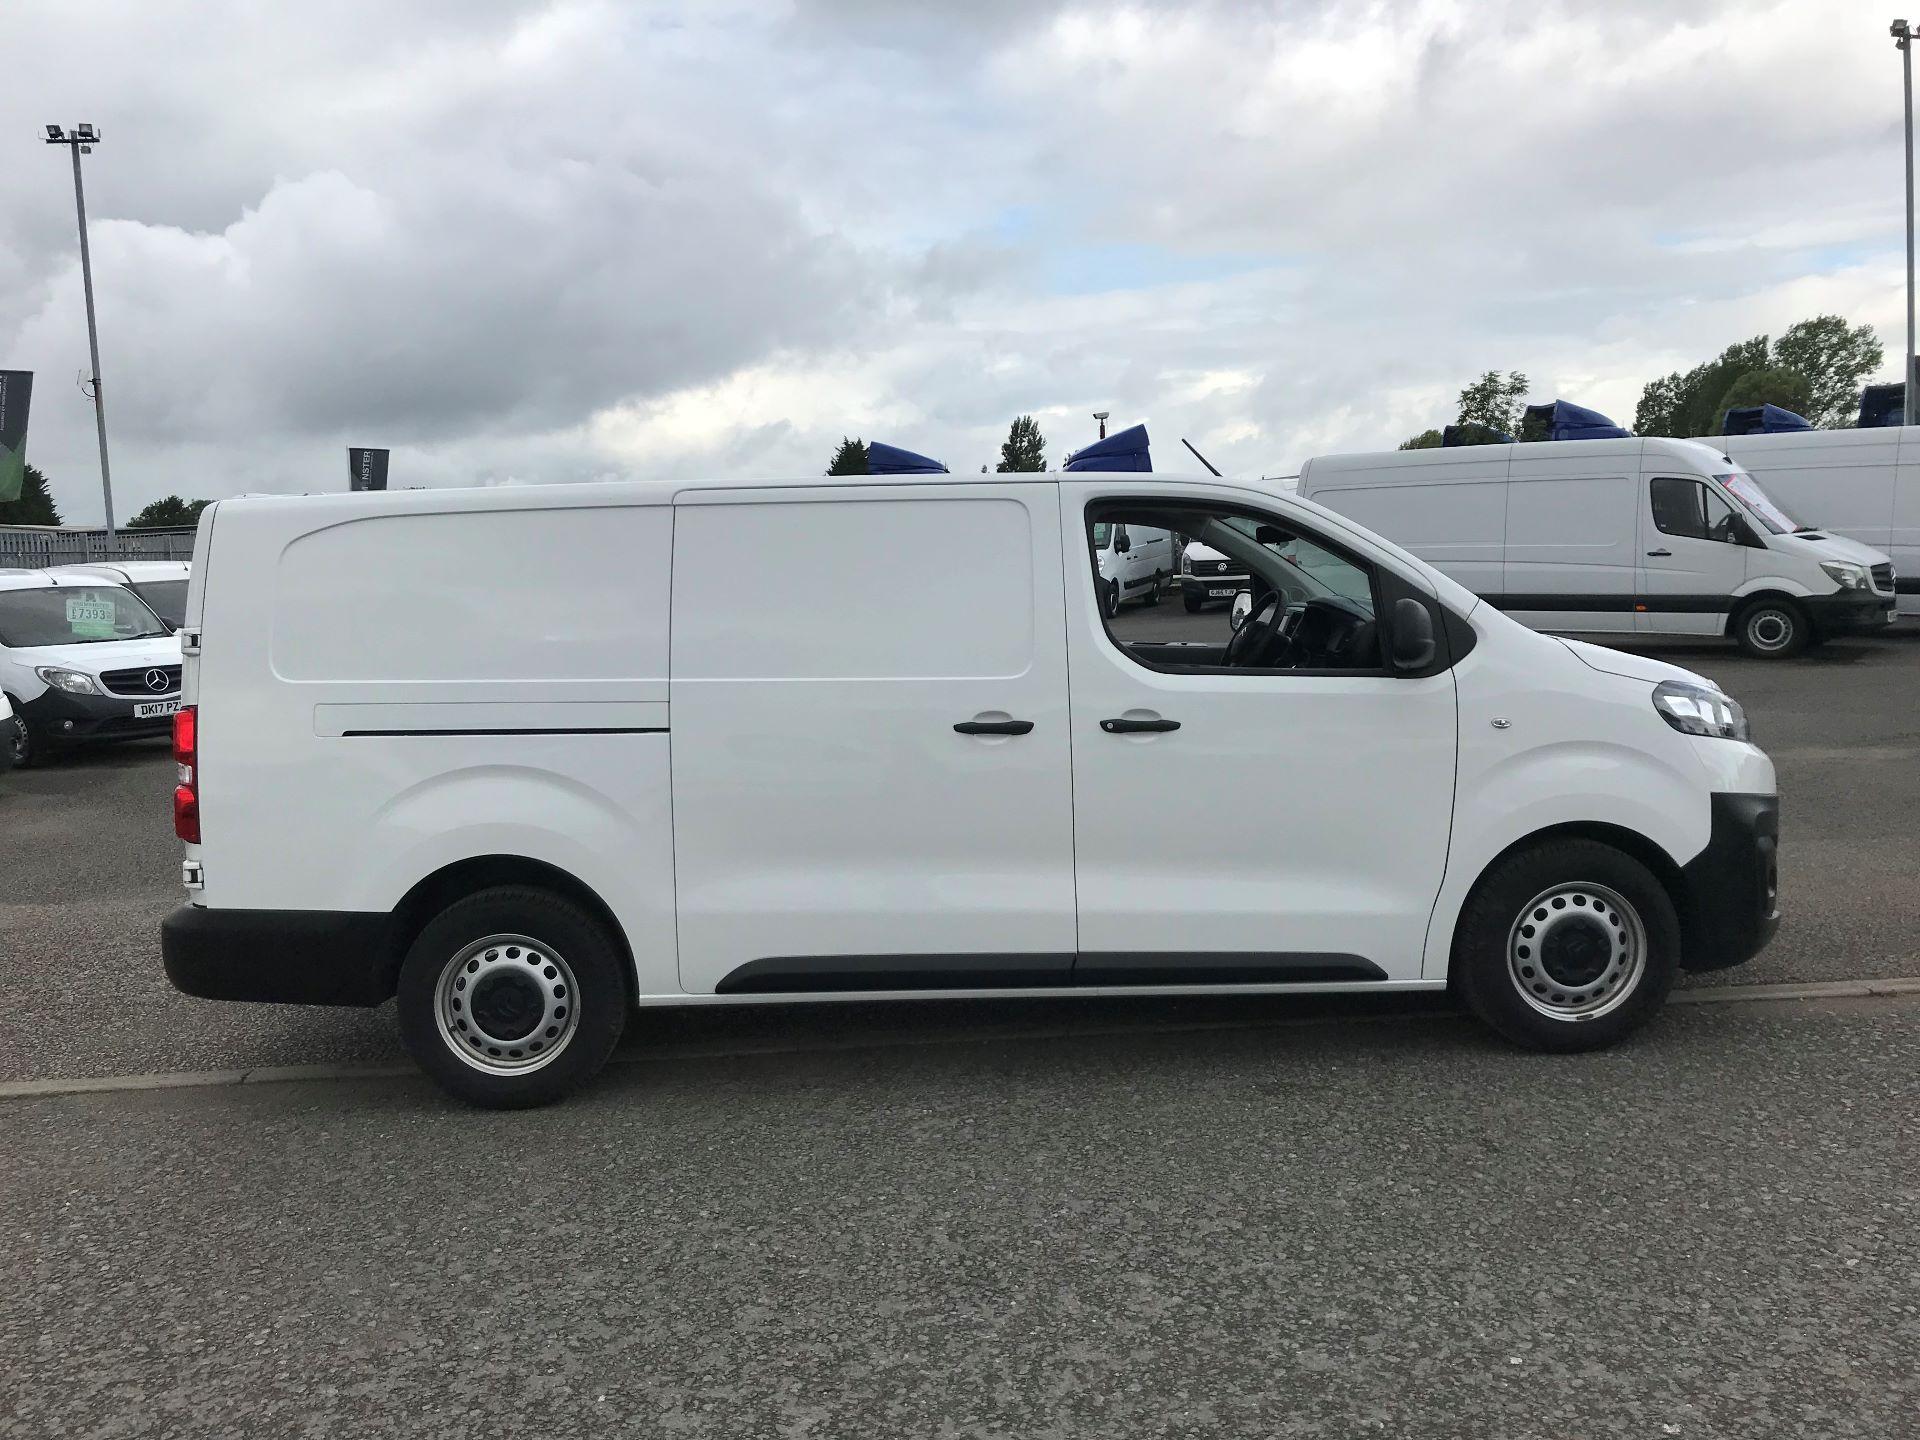 2018 Citroen Dispatch 1200 1.6 Bluehdi 95 Van Enterprise (KM67RNV) Image 3